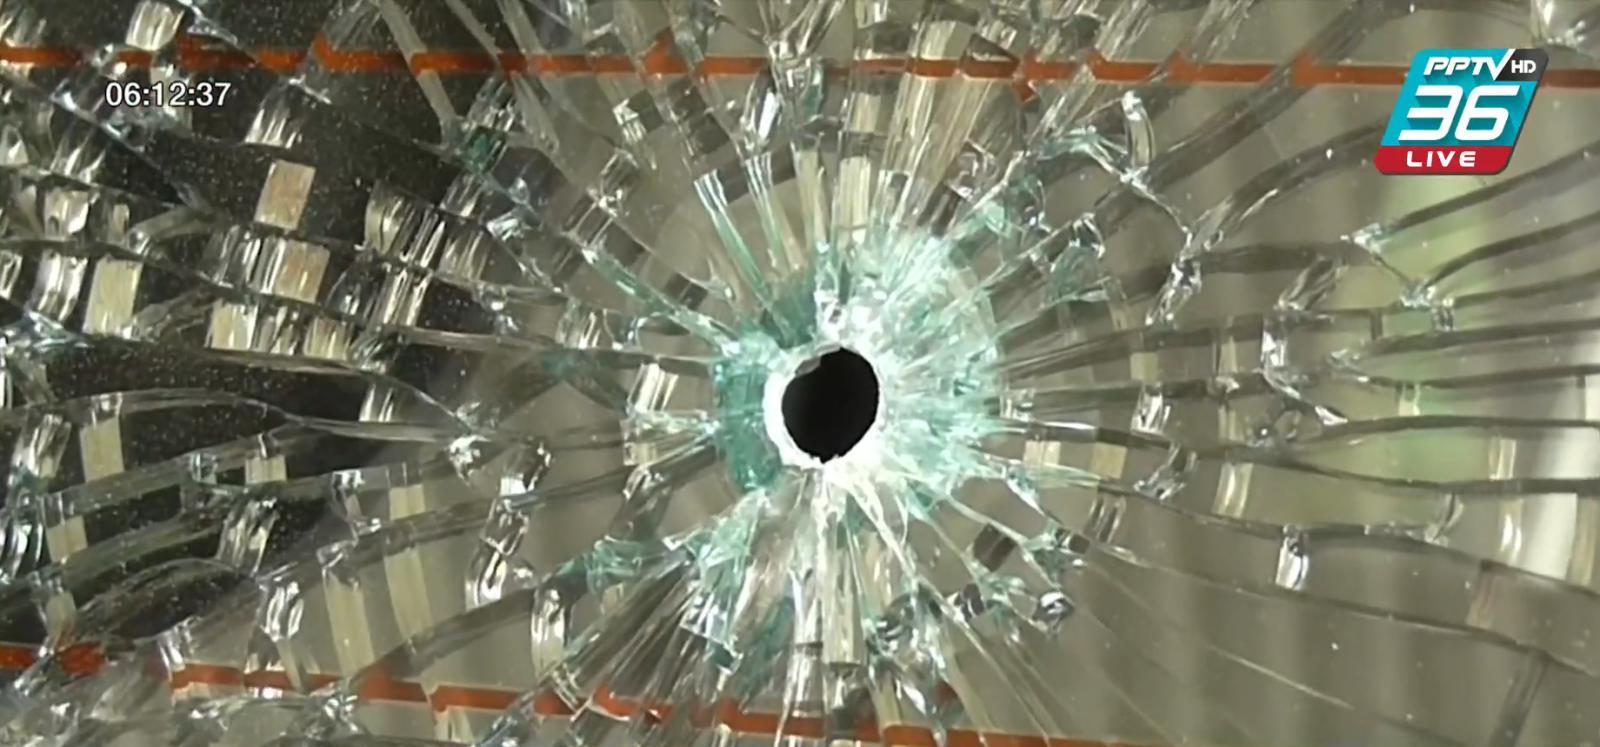 ผวา! พบกระสุนปริศนาเจาะกระจกรถตู้นักเรียน